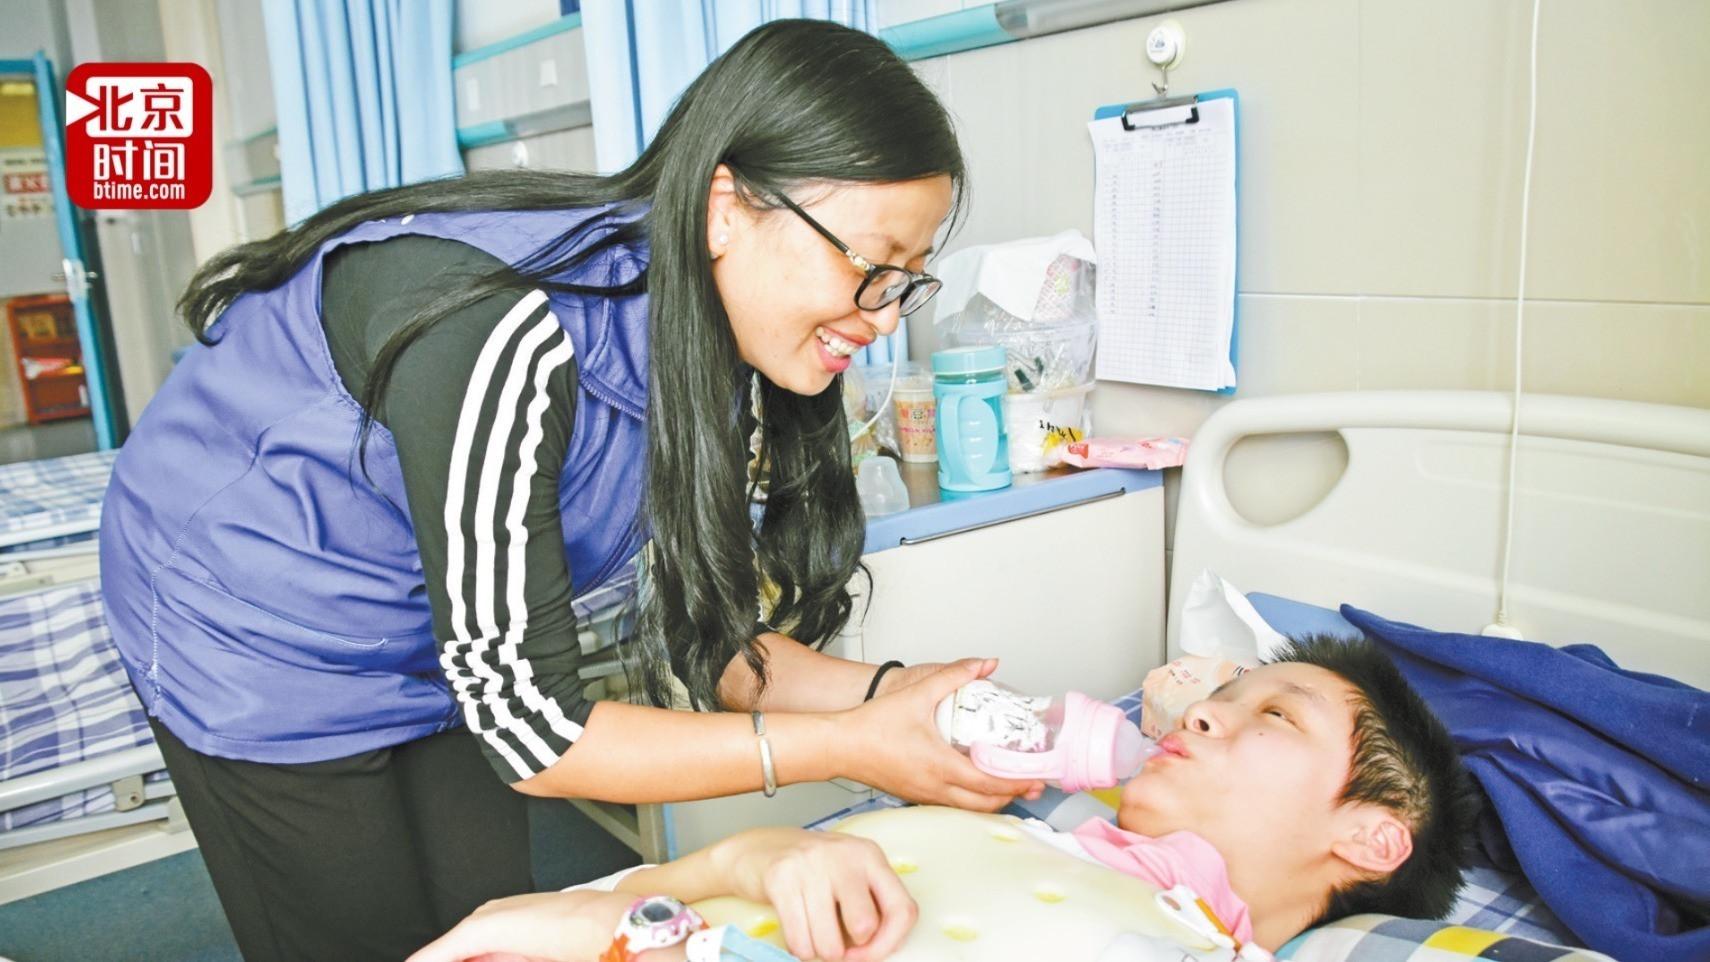 公益组织救助重疾女孩被指假宣传 女孩妈妈:他们曾捐款 但没长期救助